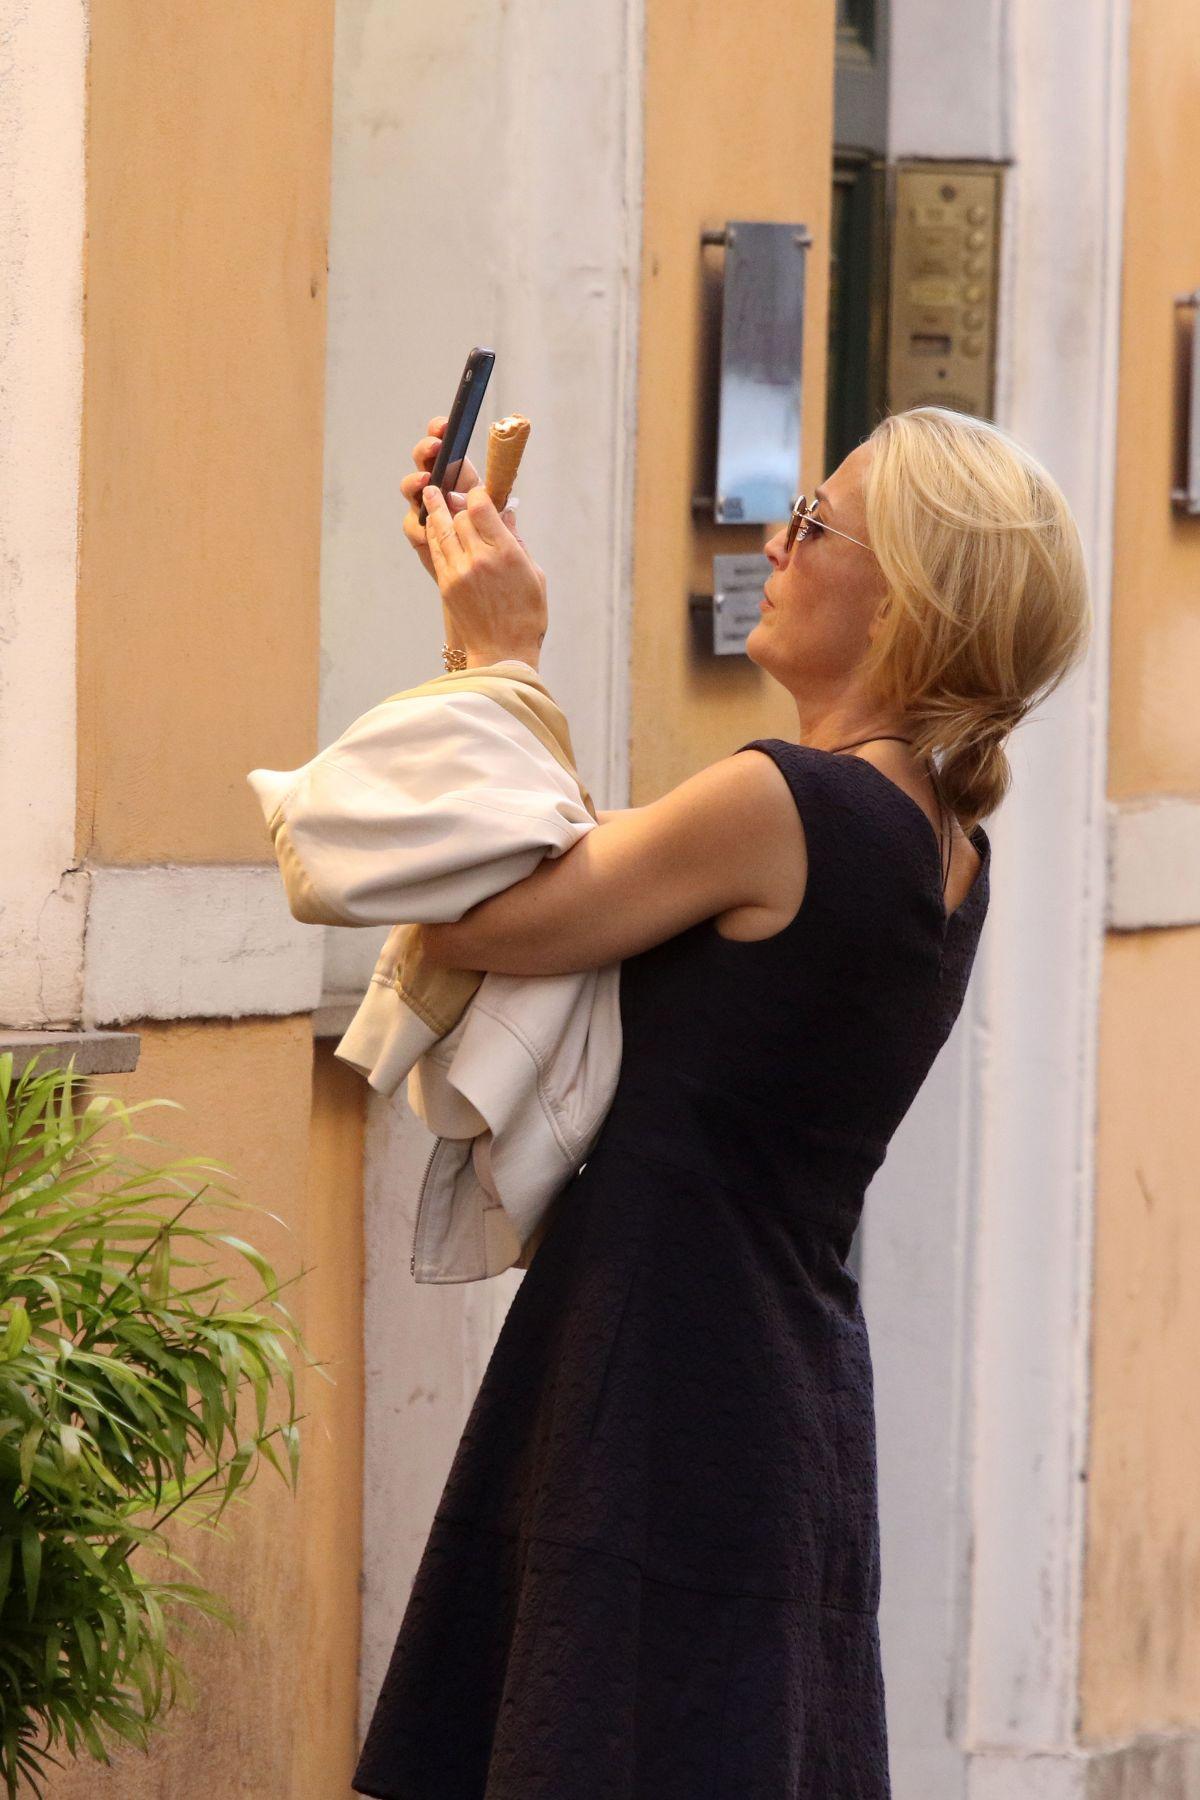 Cleavage Francesca Larrain naked (86 photo), Topless, Leaked, Selfie, bra 2006